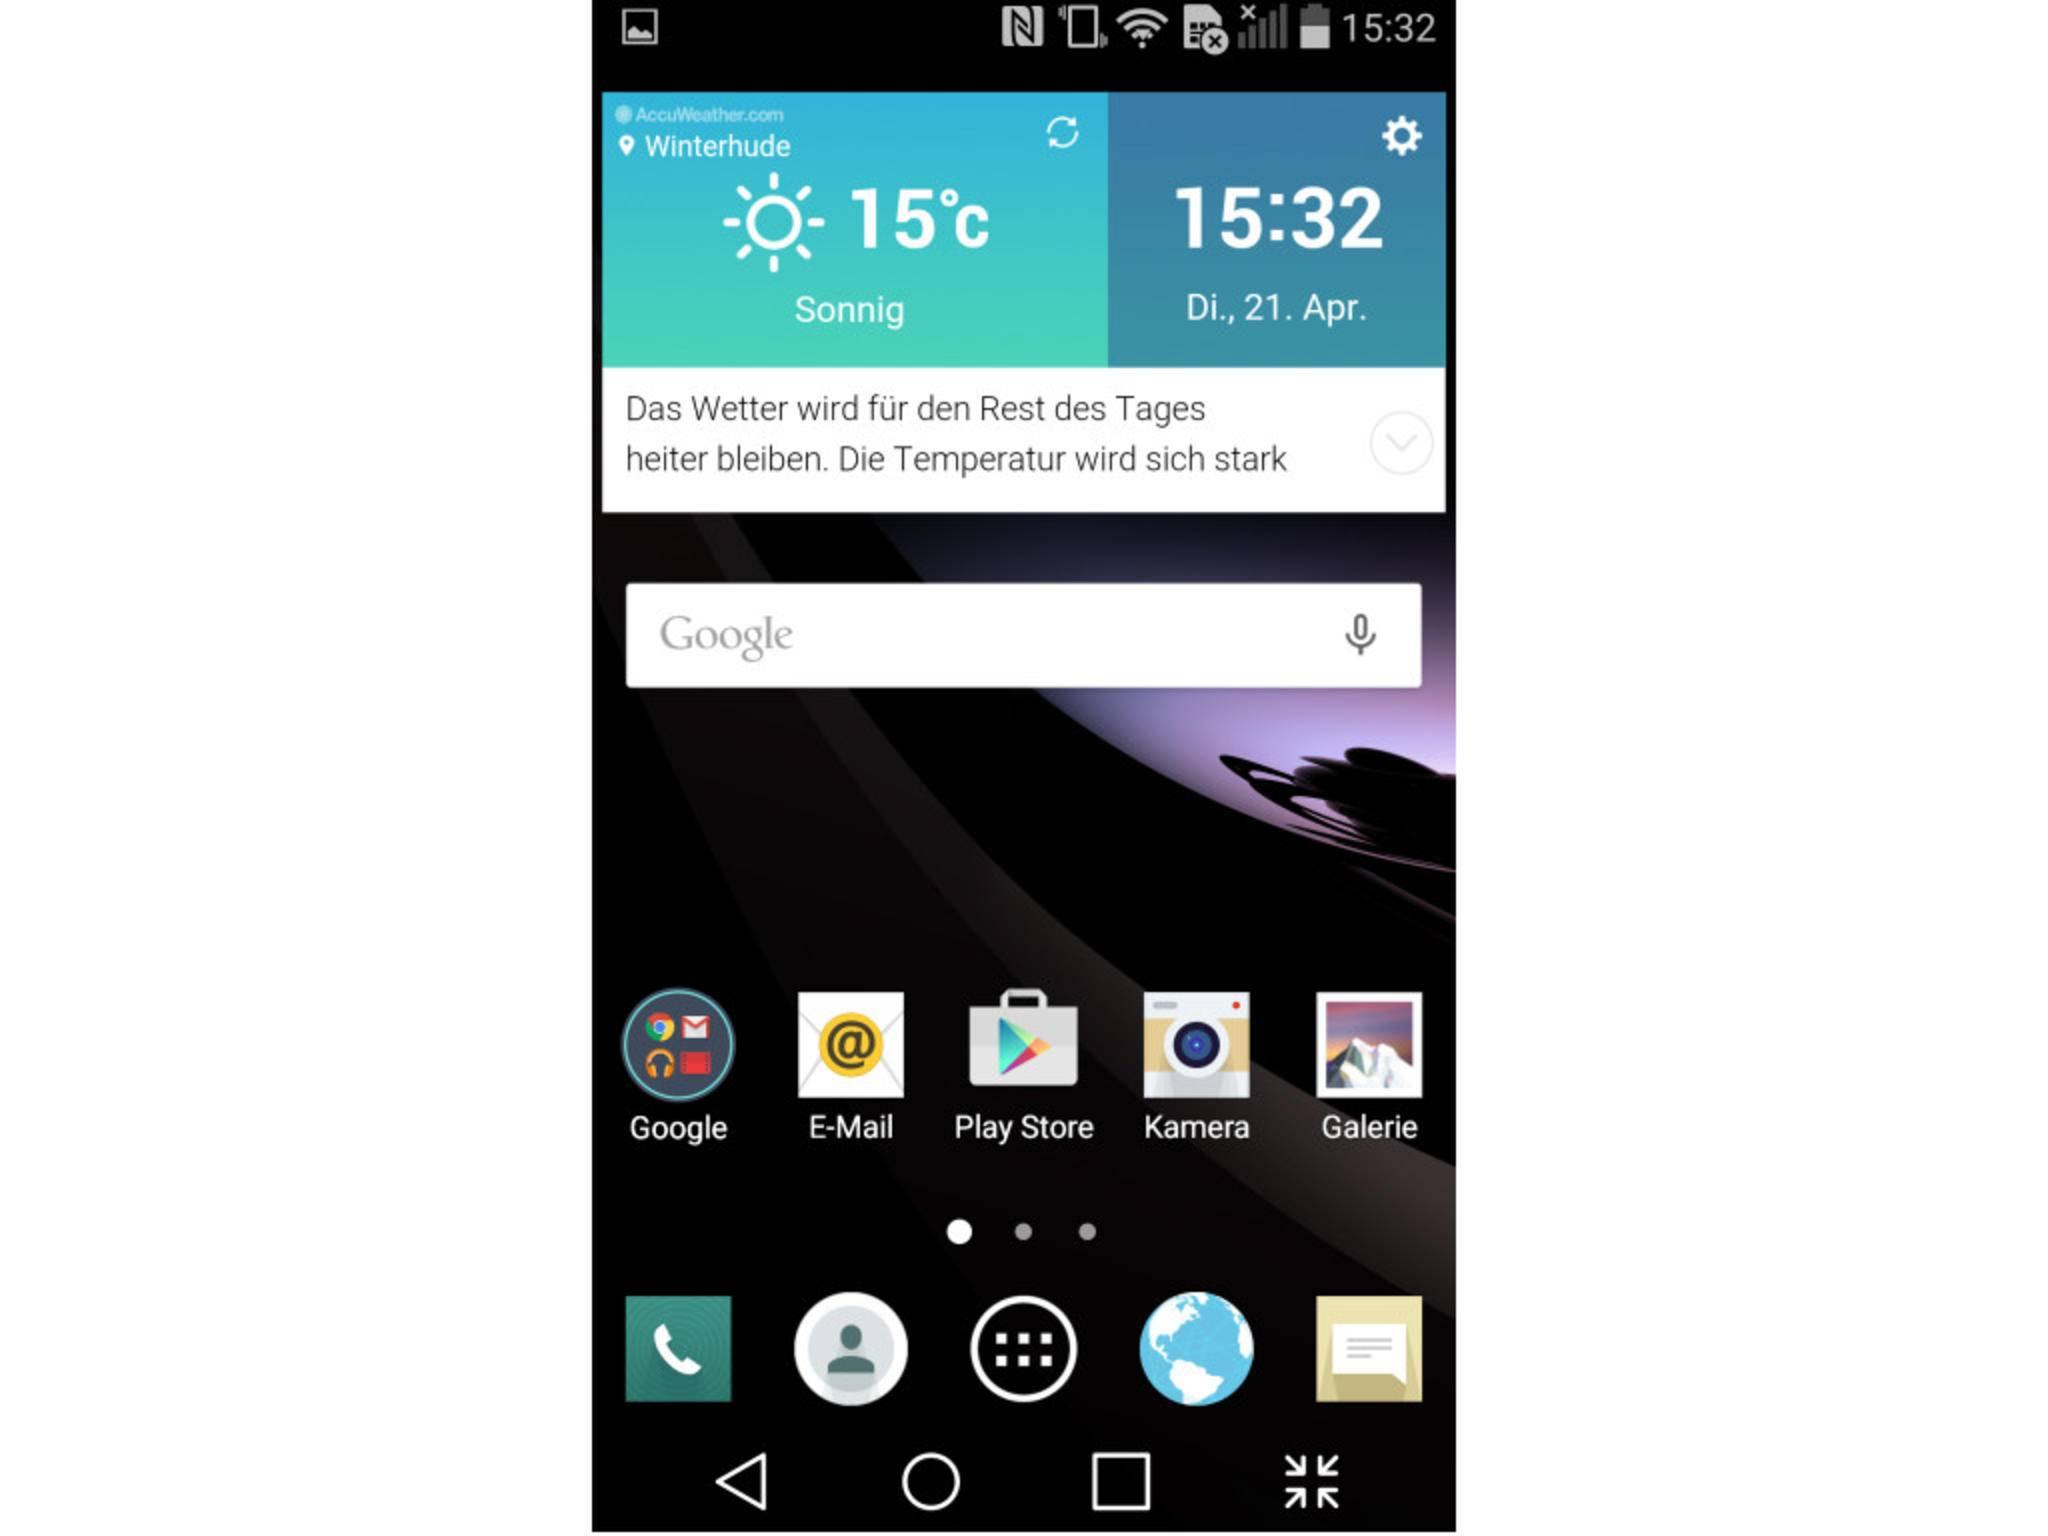 Vorinstalliert sind Android 5.0.1 und LGs Benutzeroberfläche.